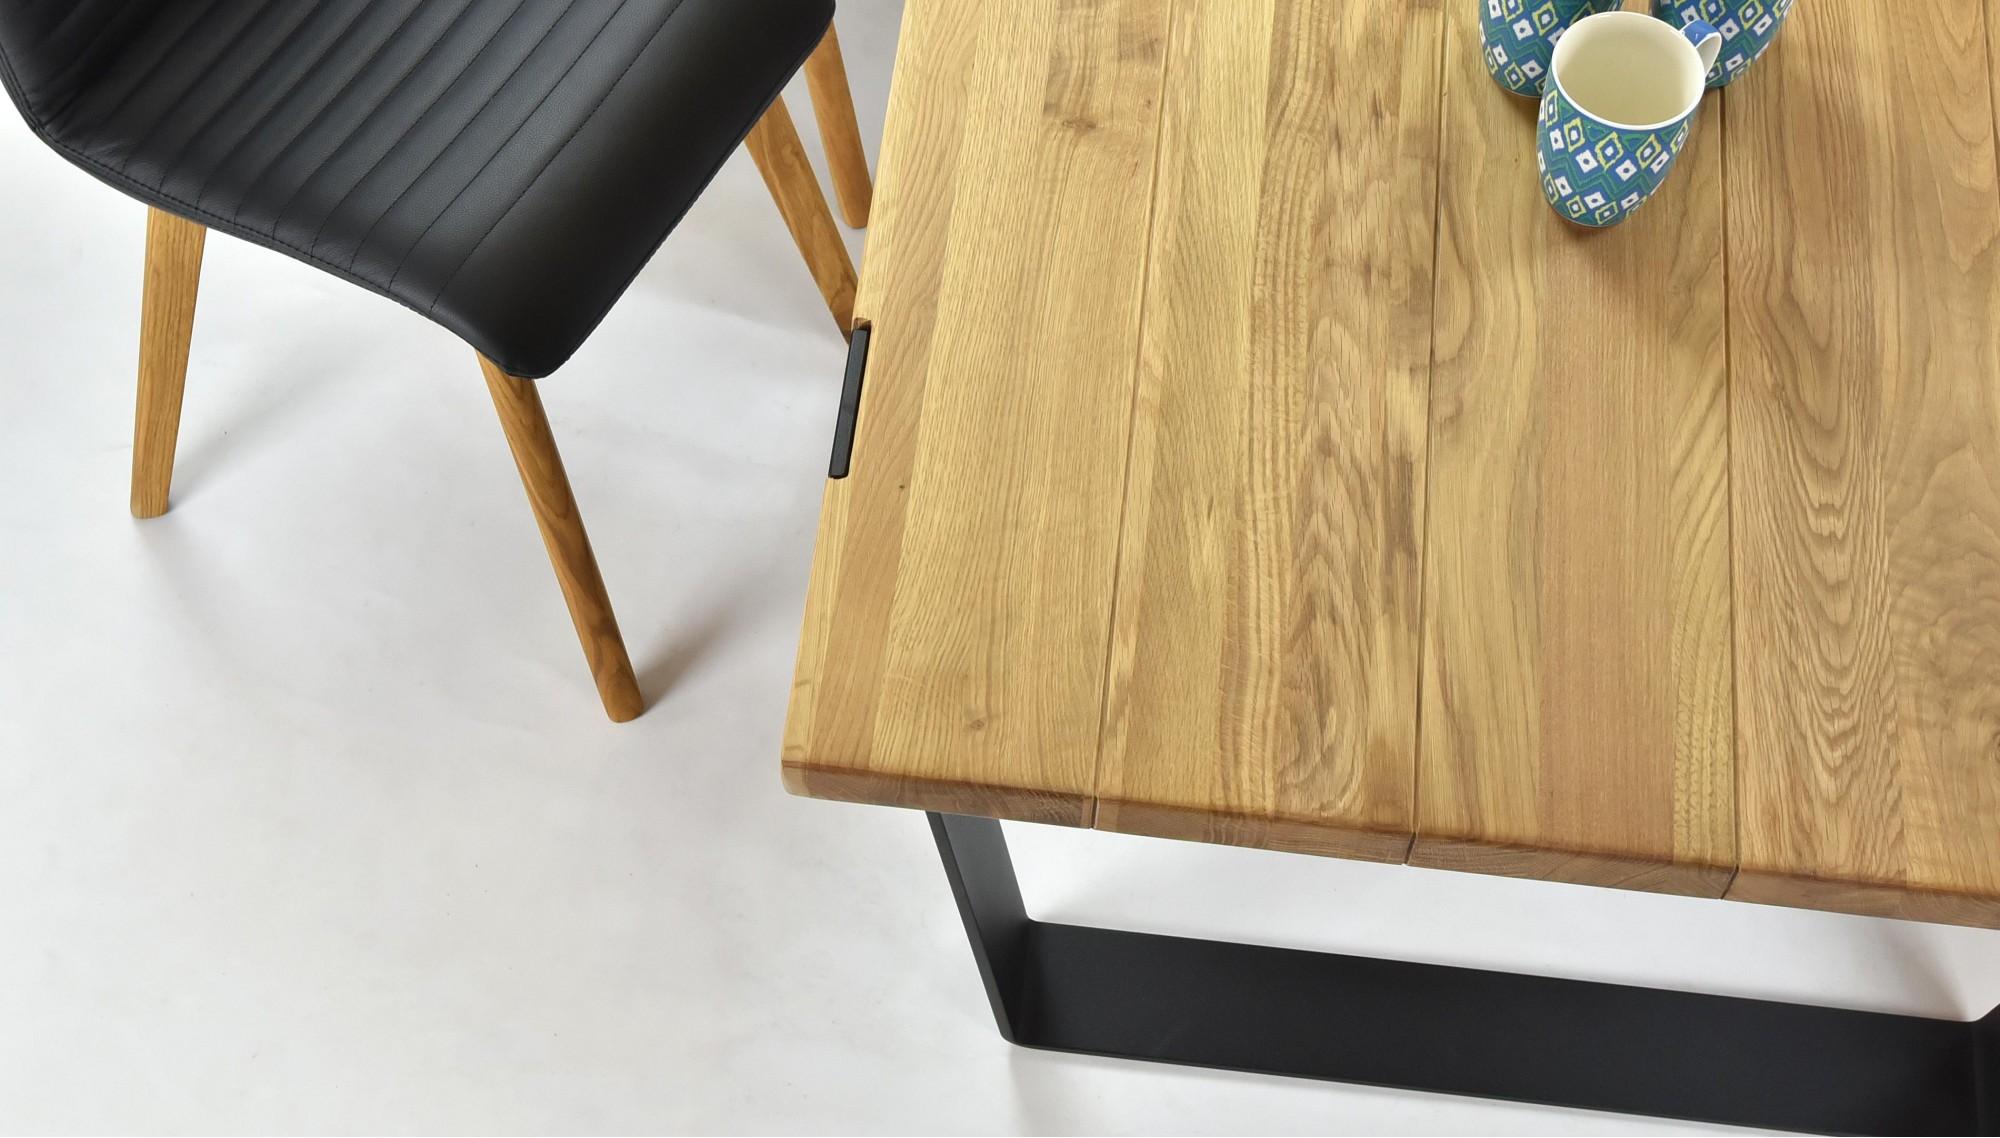 Rodinný stôl do jedálne dub masív a kožená stolička v čiernej koži